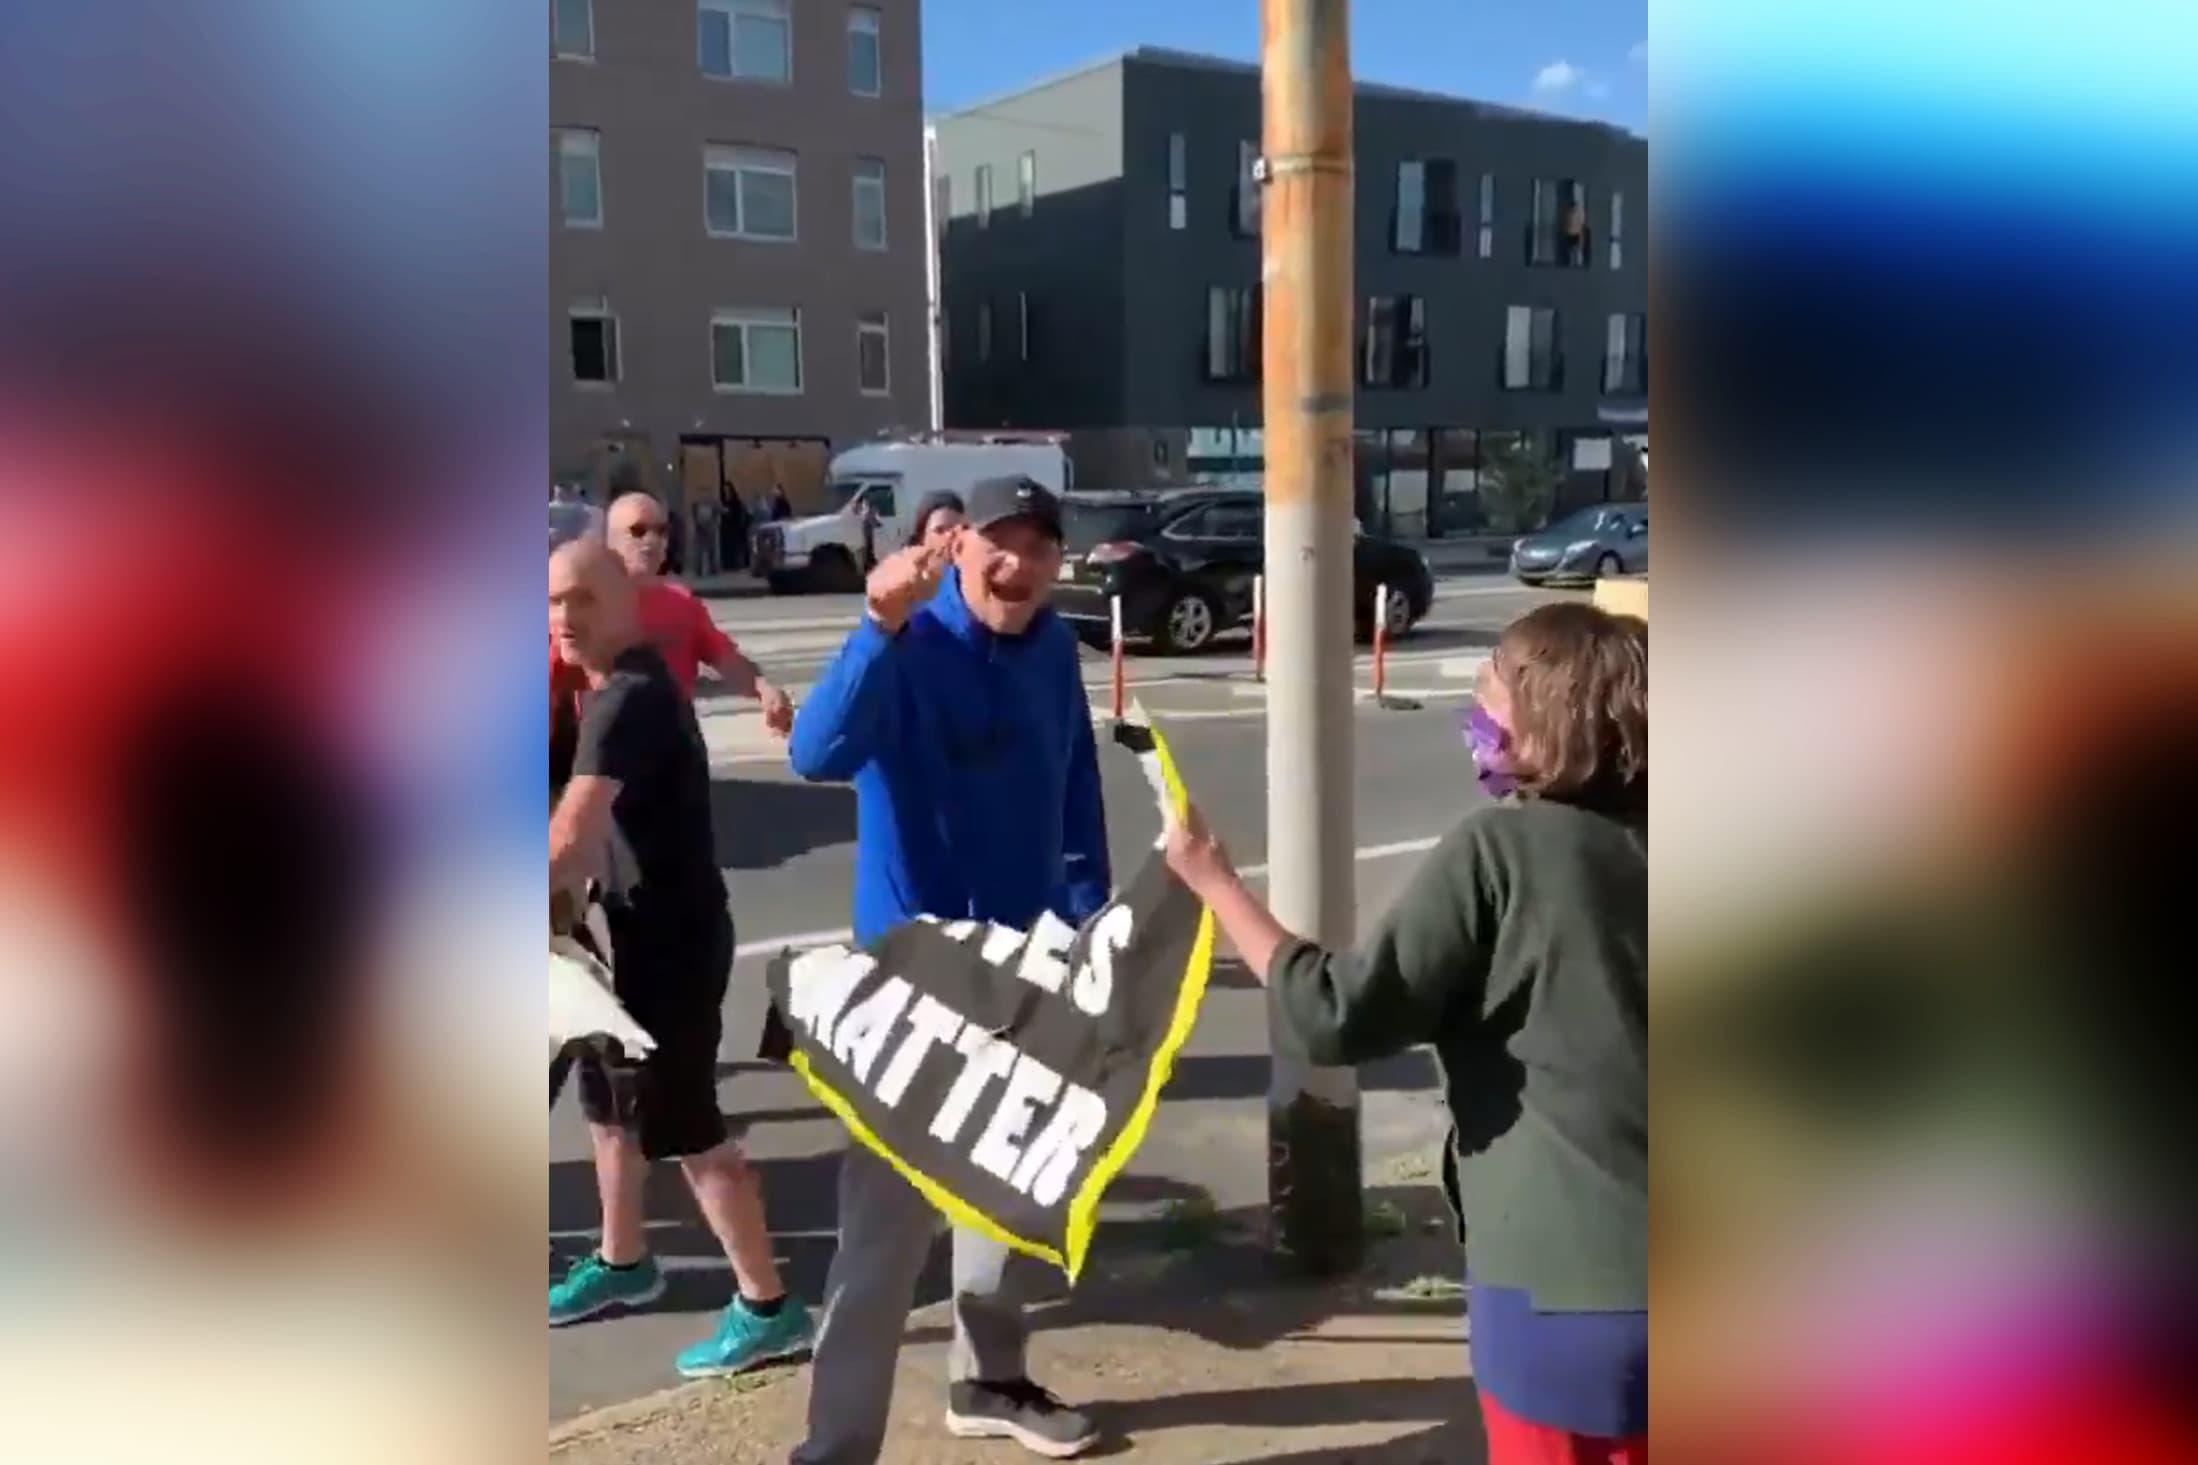 Philadelphia, mob, vigilante, white